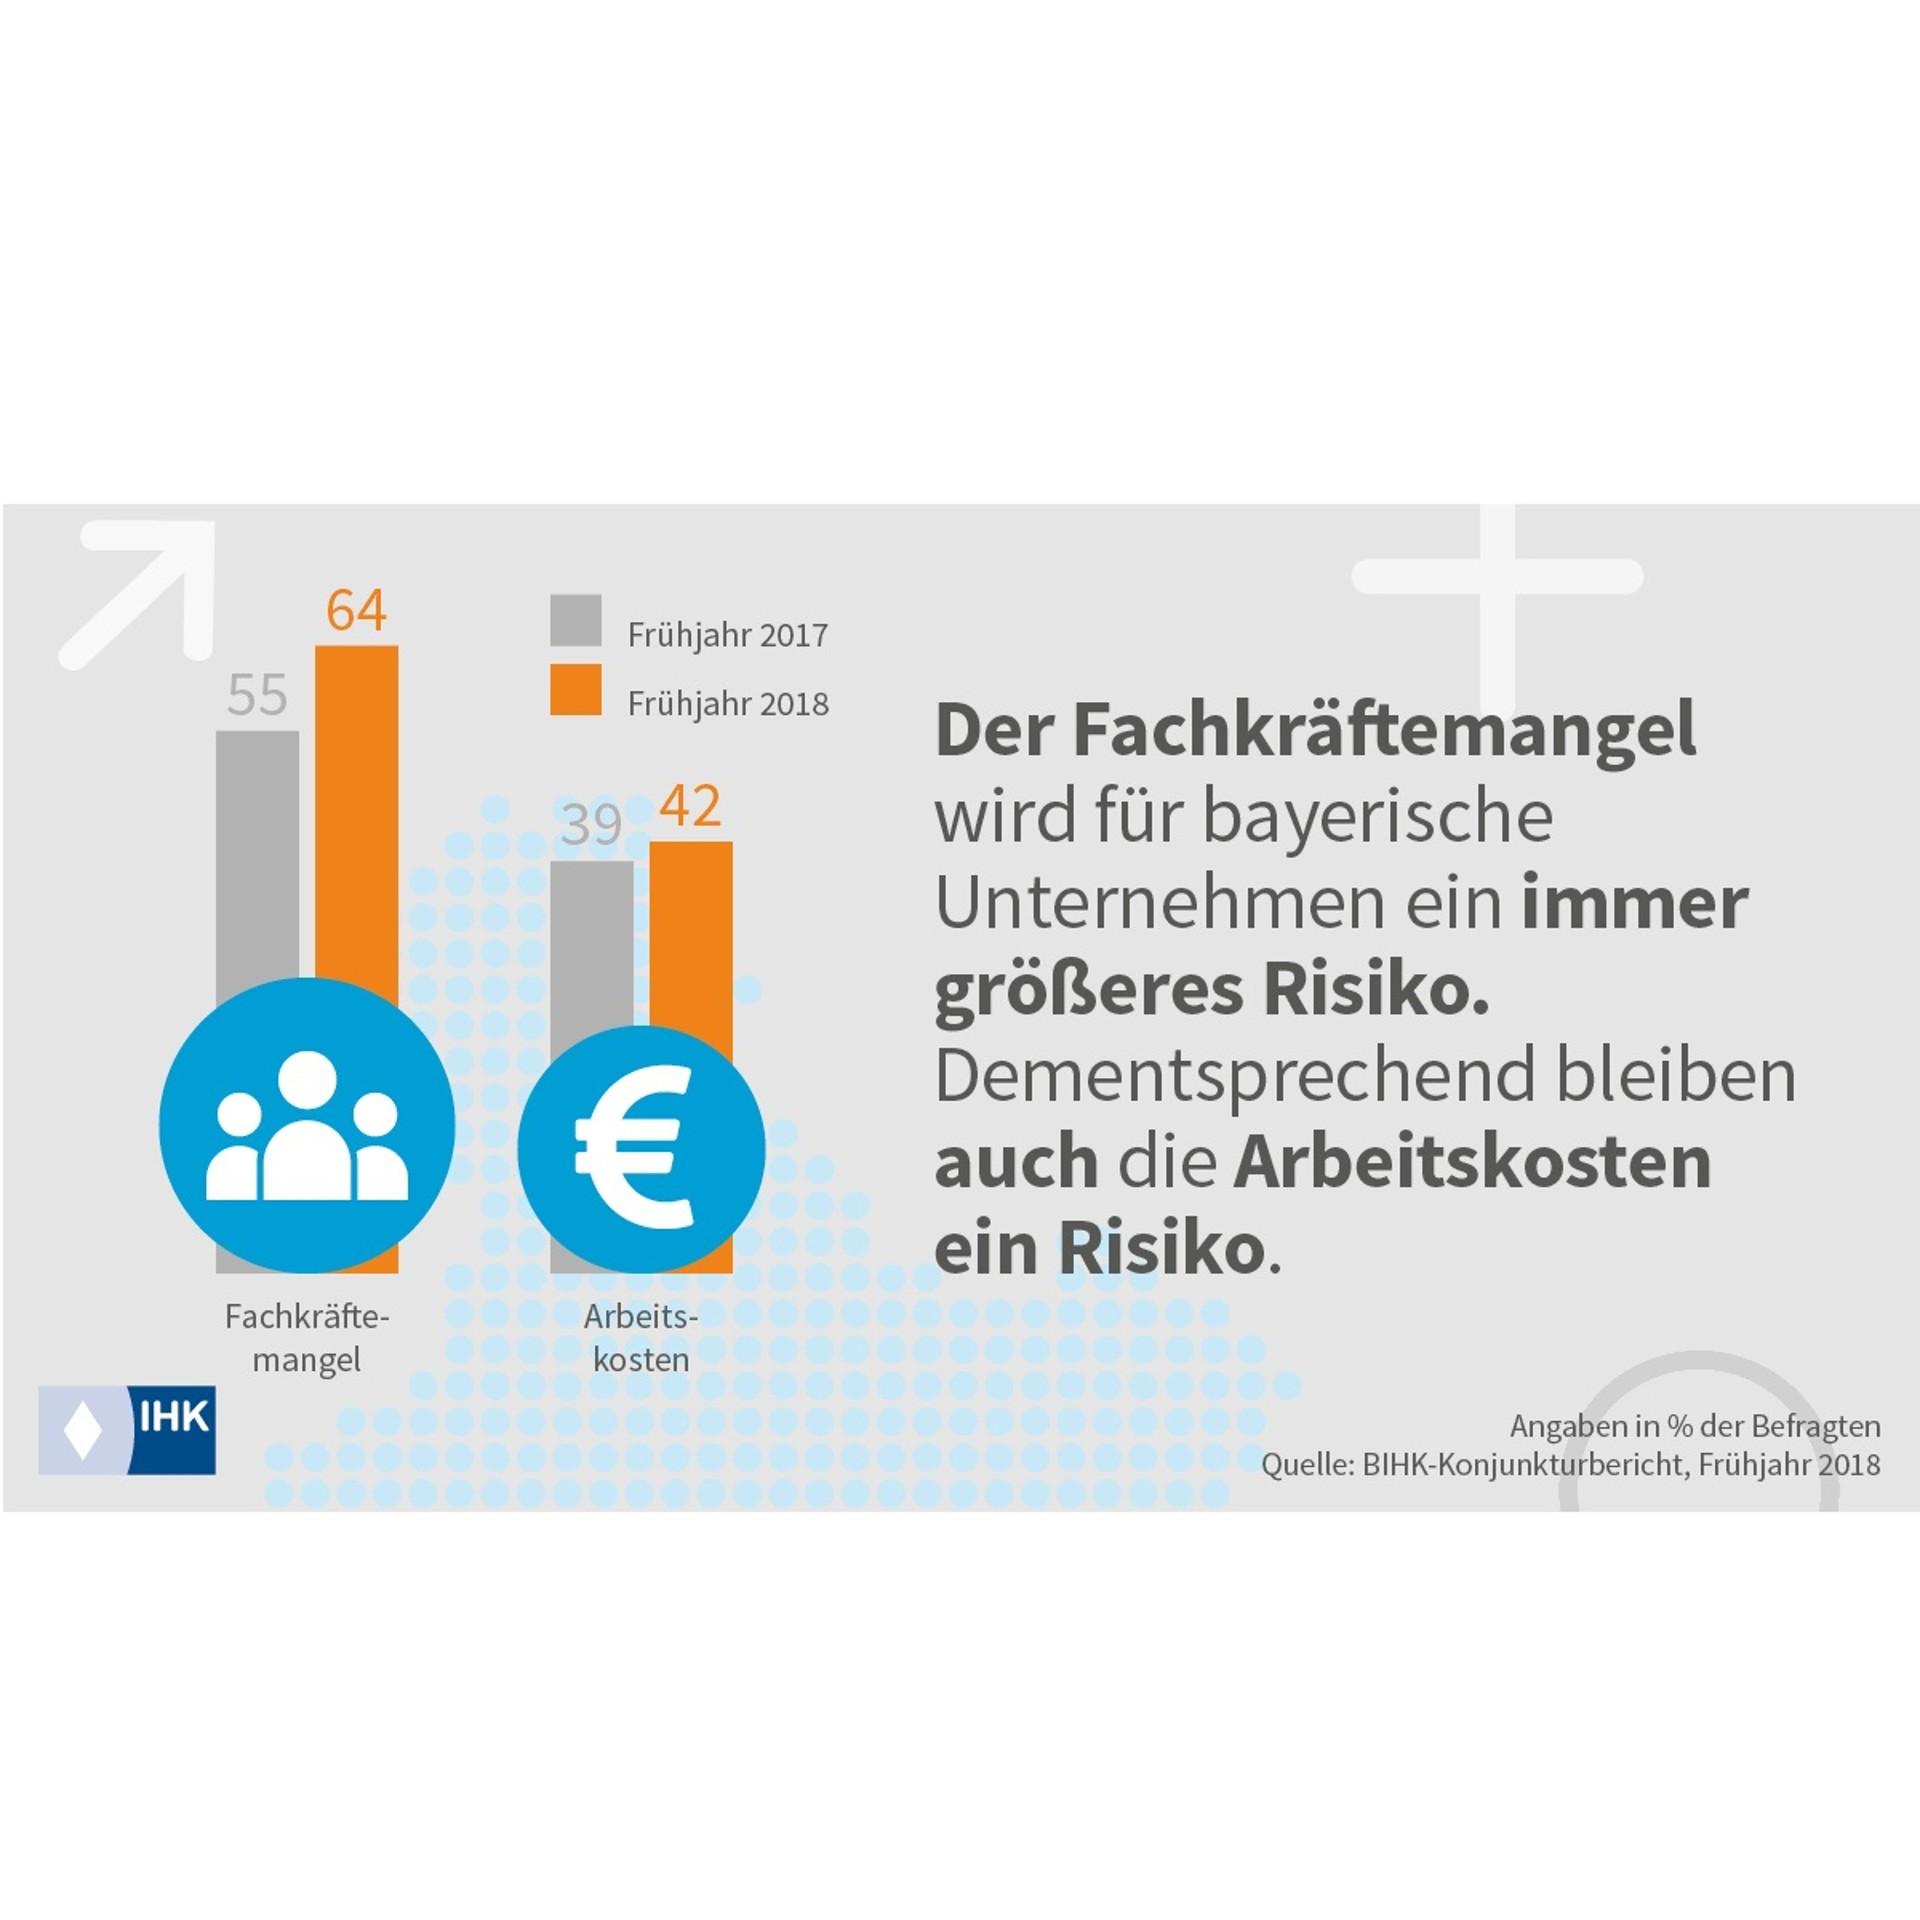 Fein Freier Druck Haftung Einwilligungs Bilder - FORTSETZUNG ...